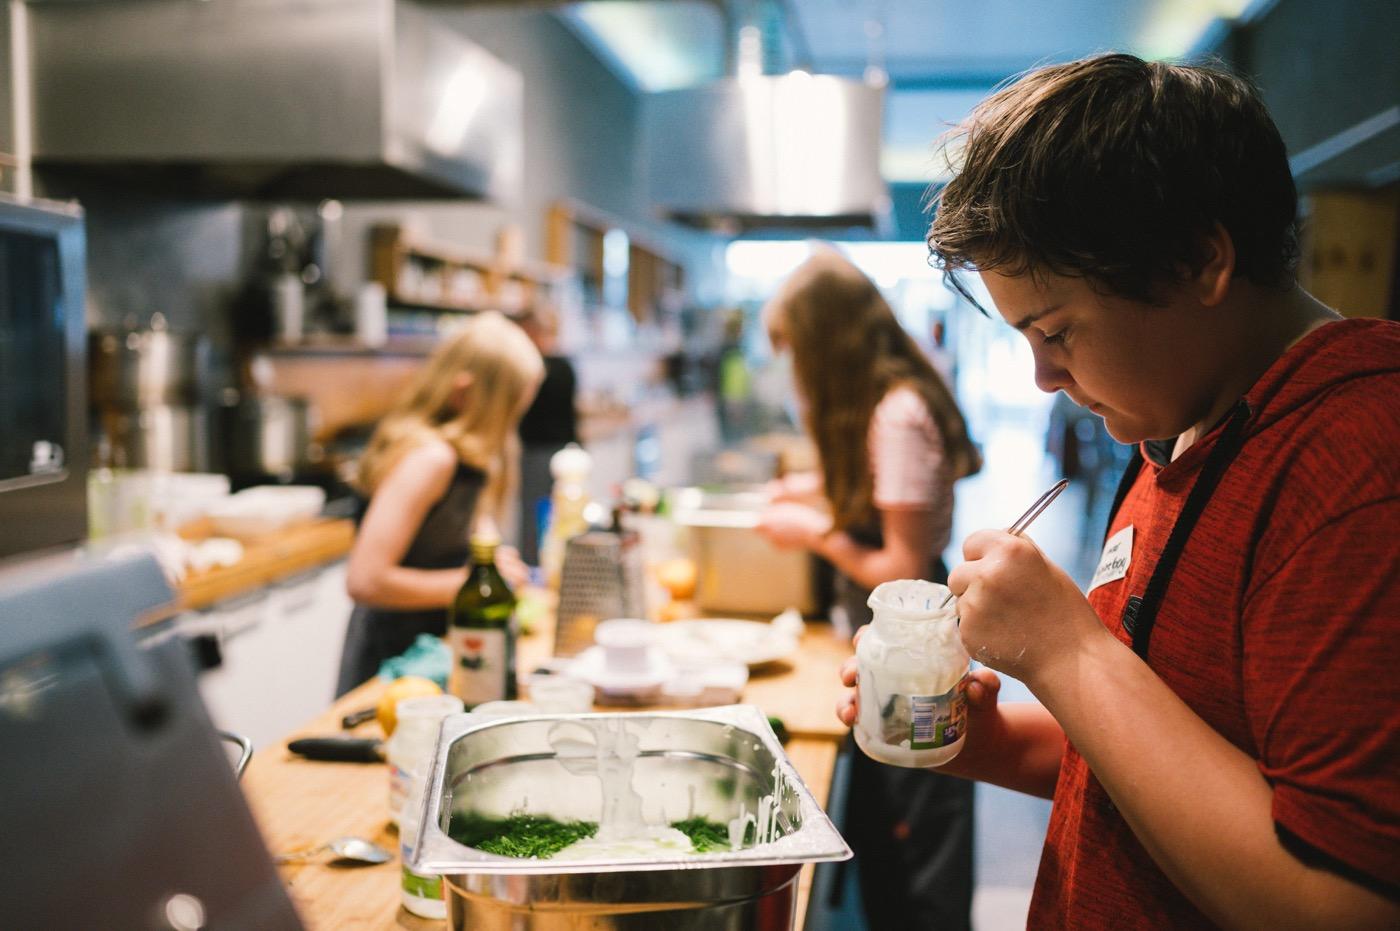 Die Jugendkochschule soll dem Nachwuchs Lust aufs Kochen machen.